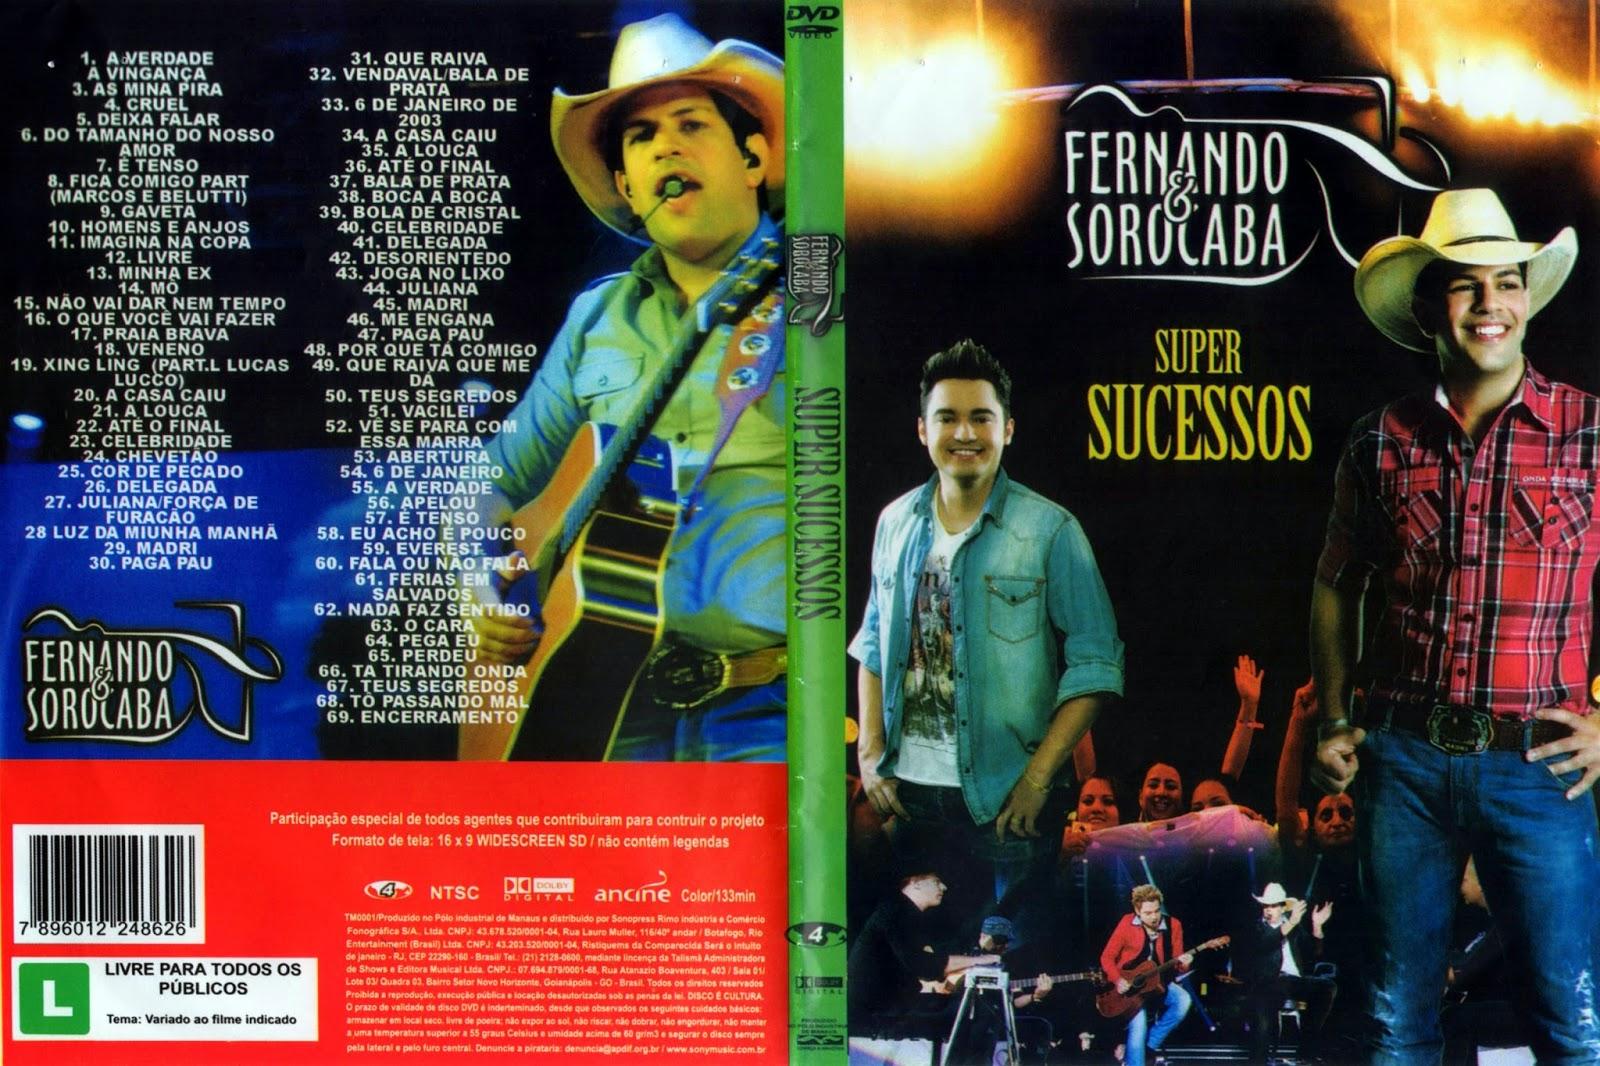 DVD Fernando & Sorocaba – Super Sucessos (2015)